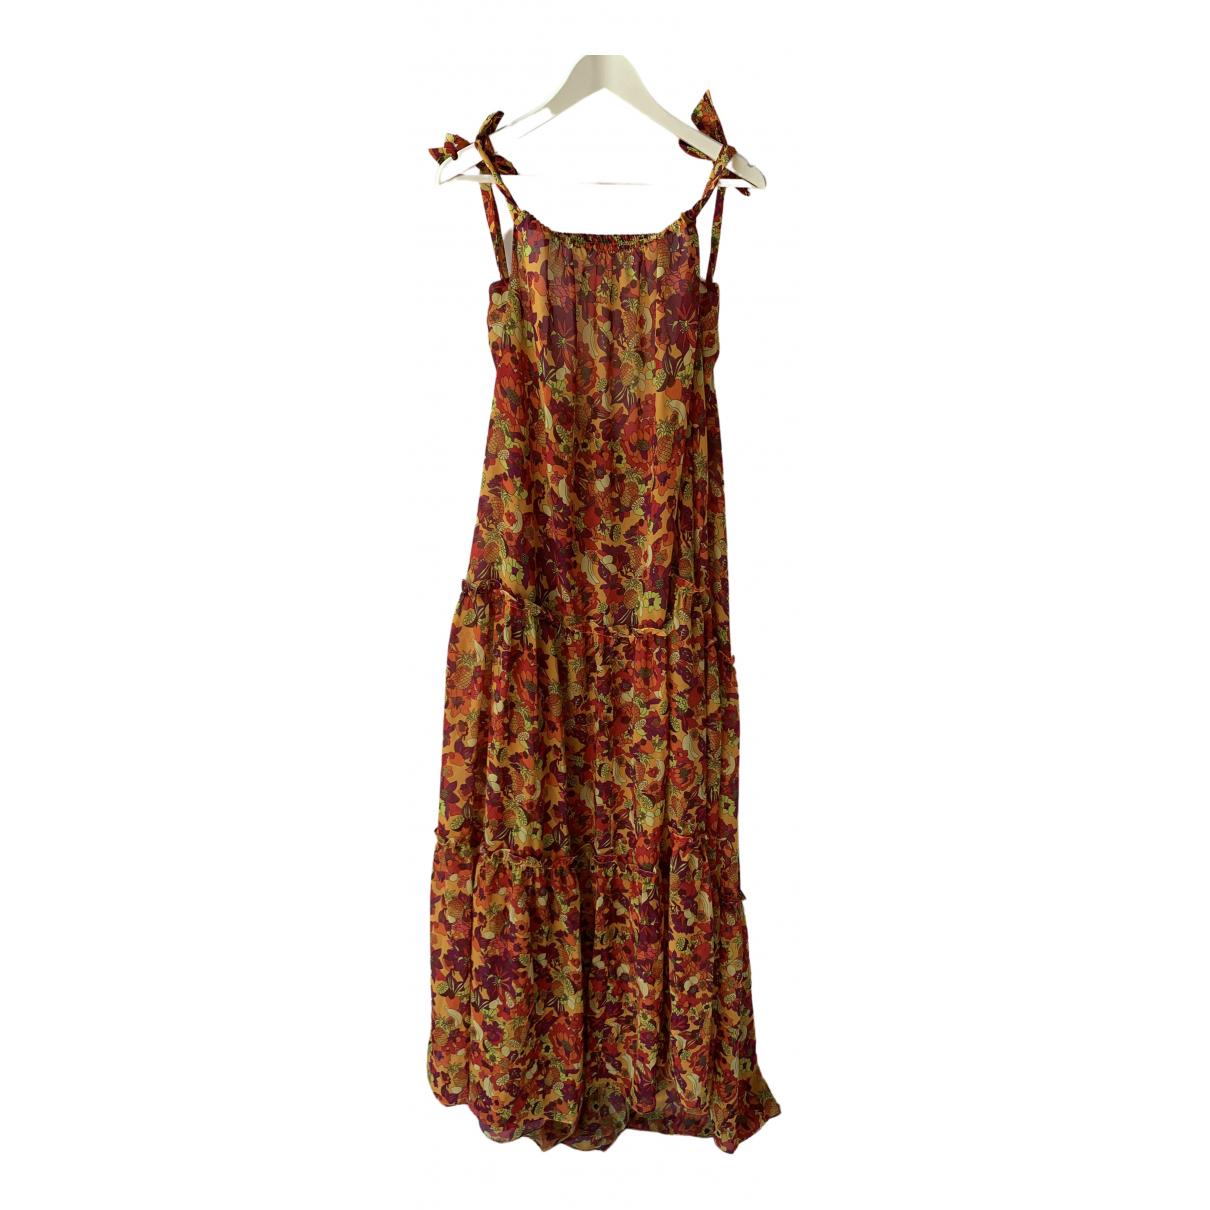 Adriana Degreas \N Kleid in  Bunt Polyester